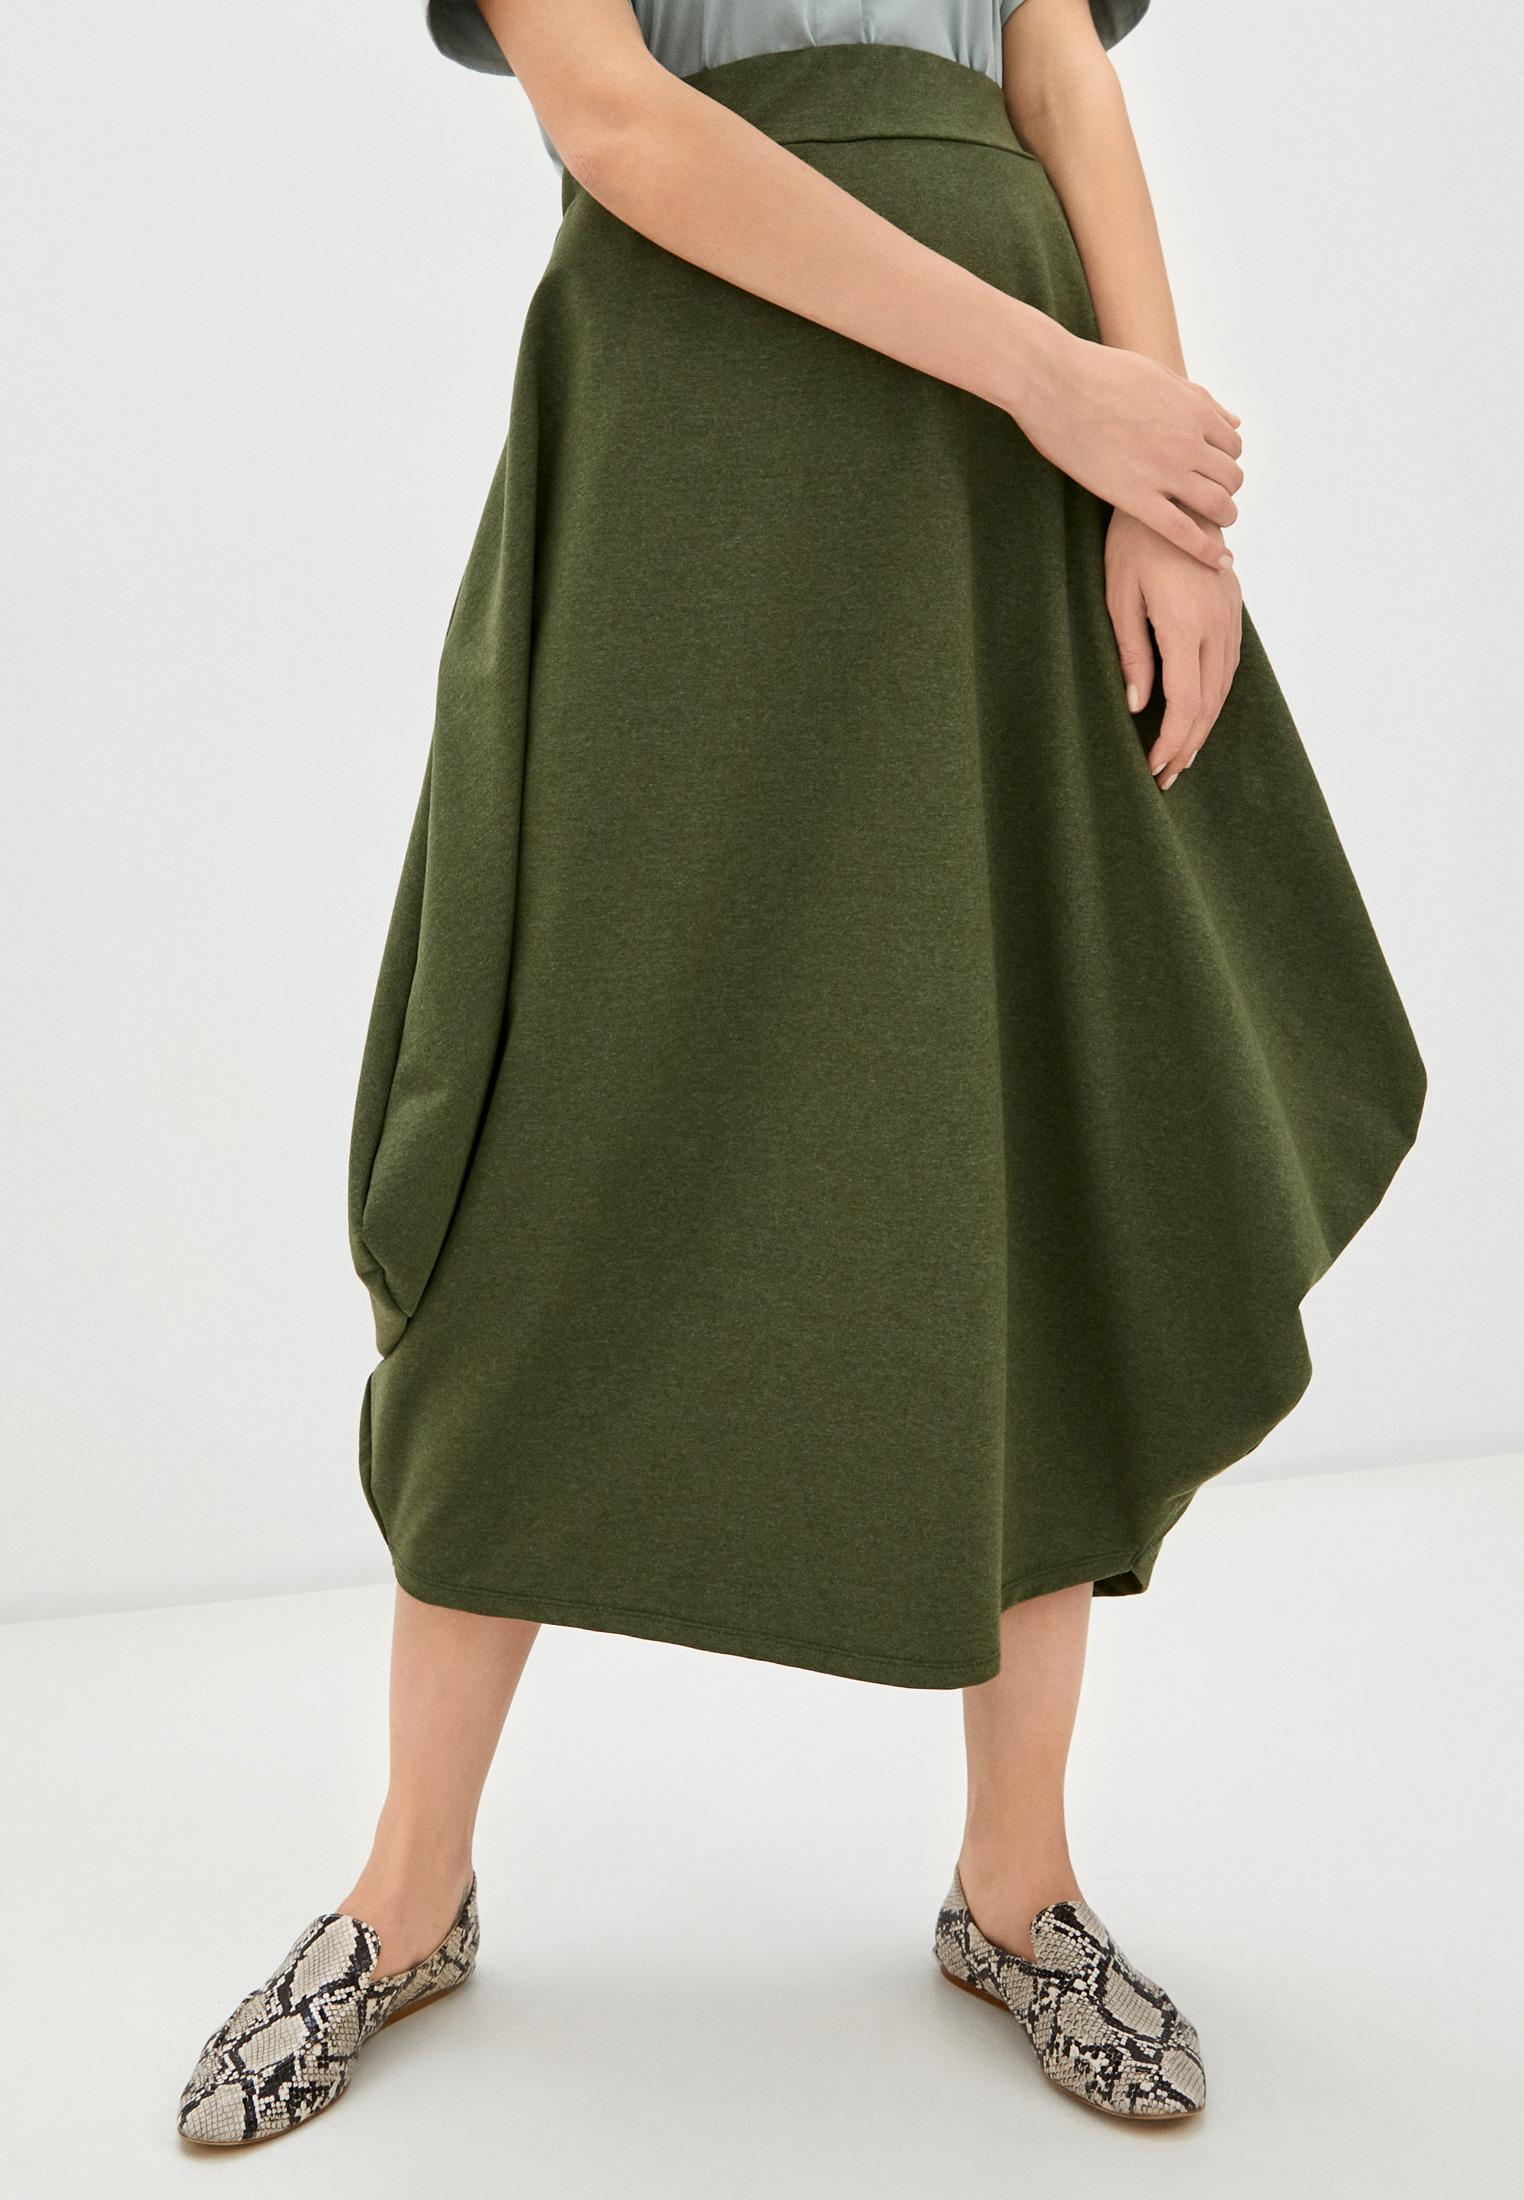 Широкая юбка Toku Tino TT8518029/